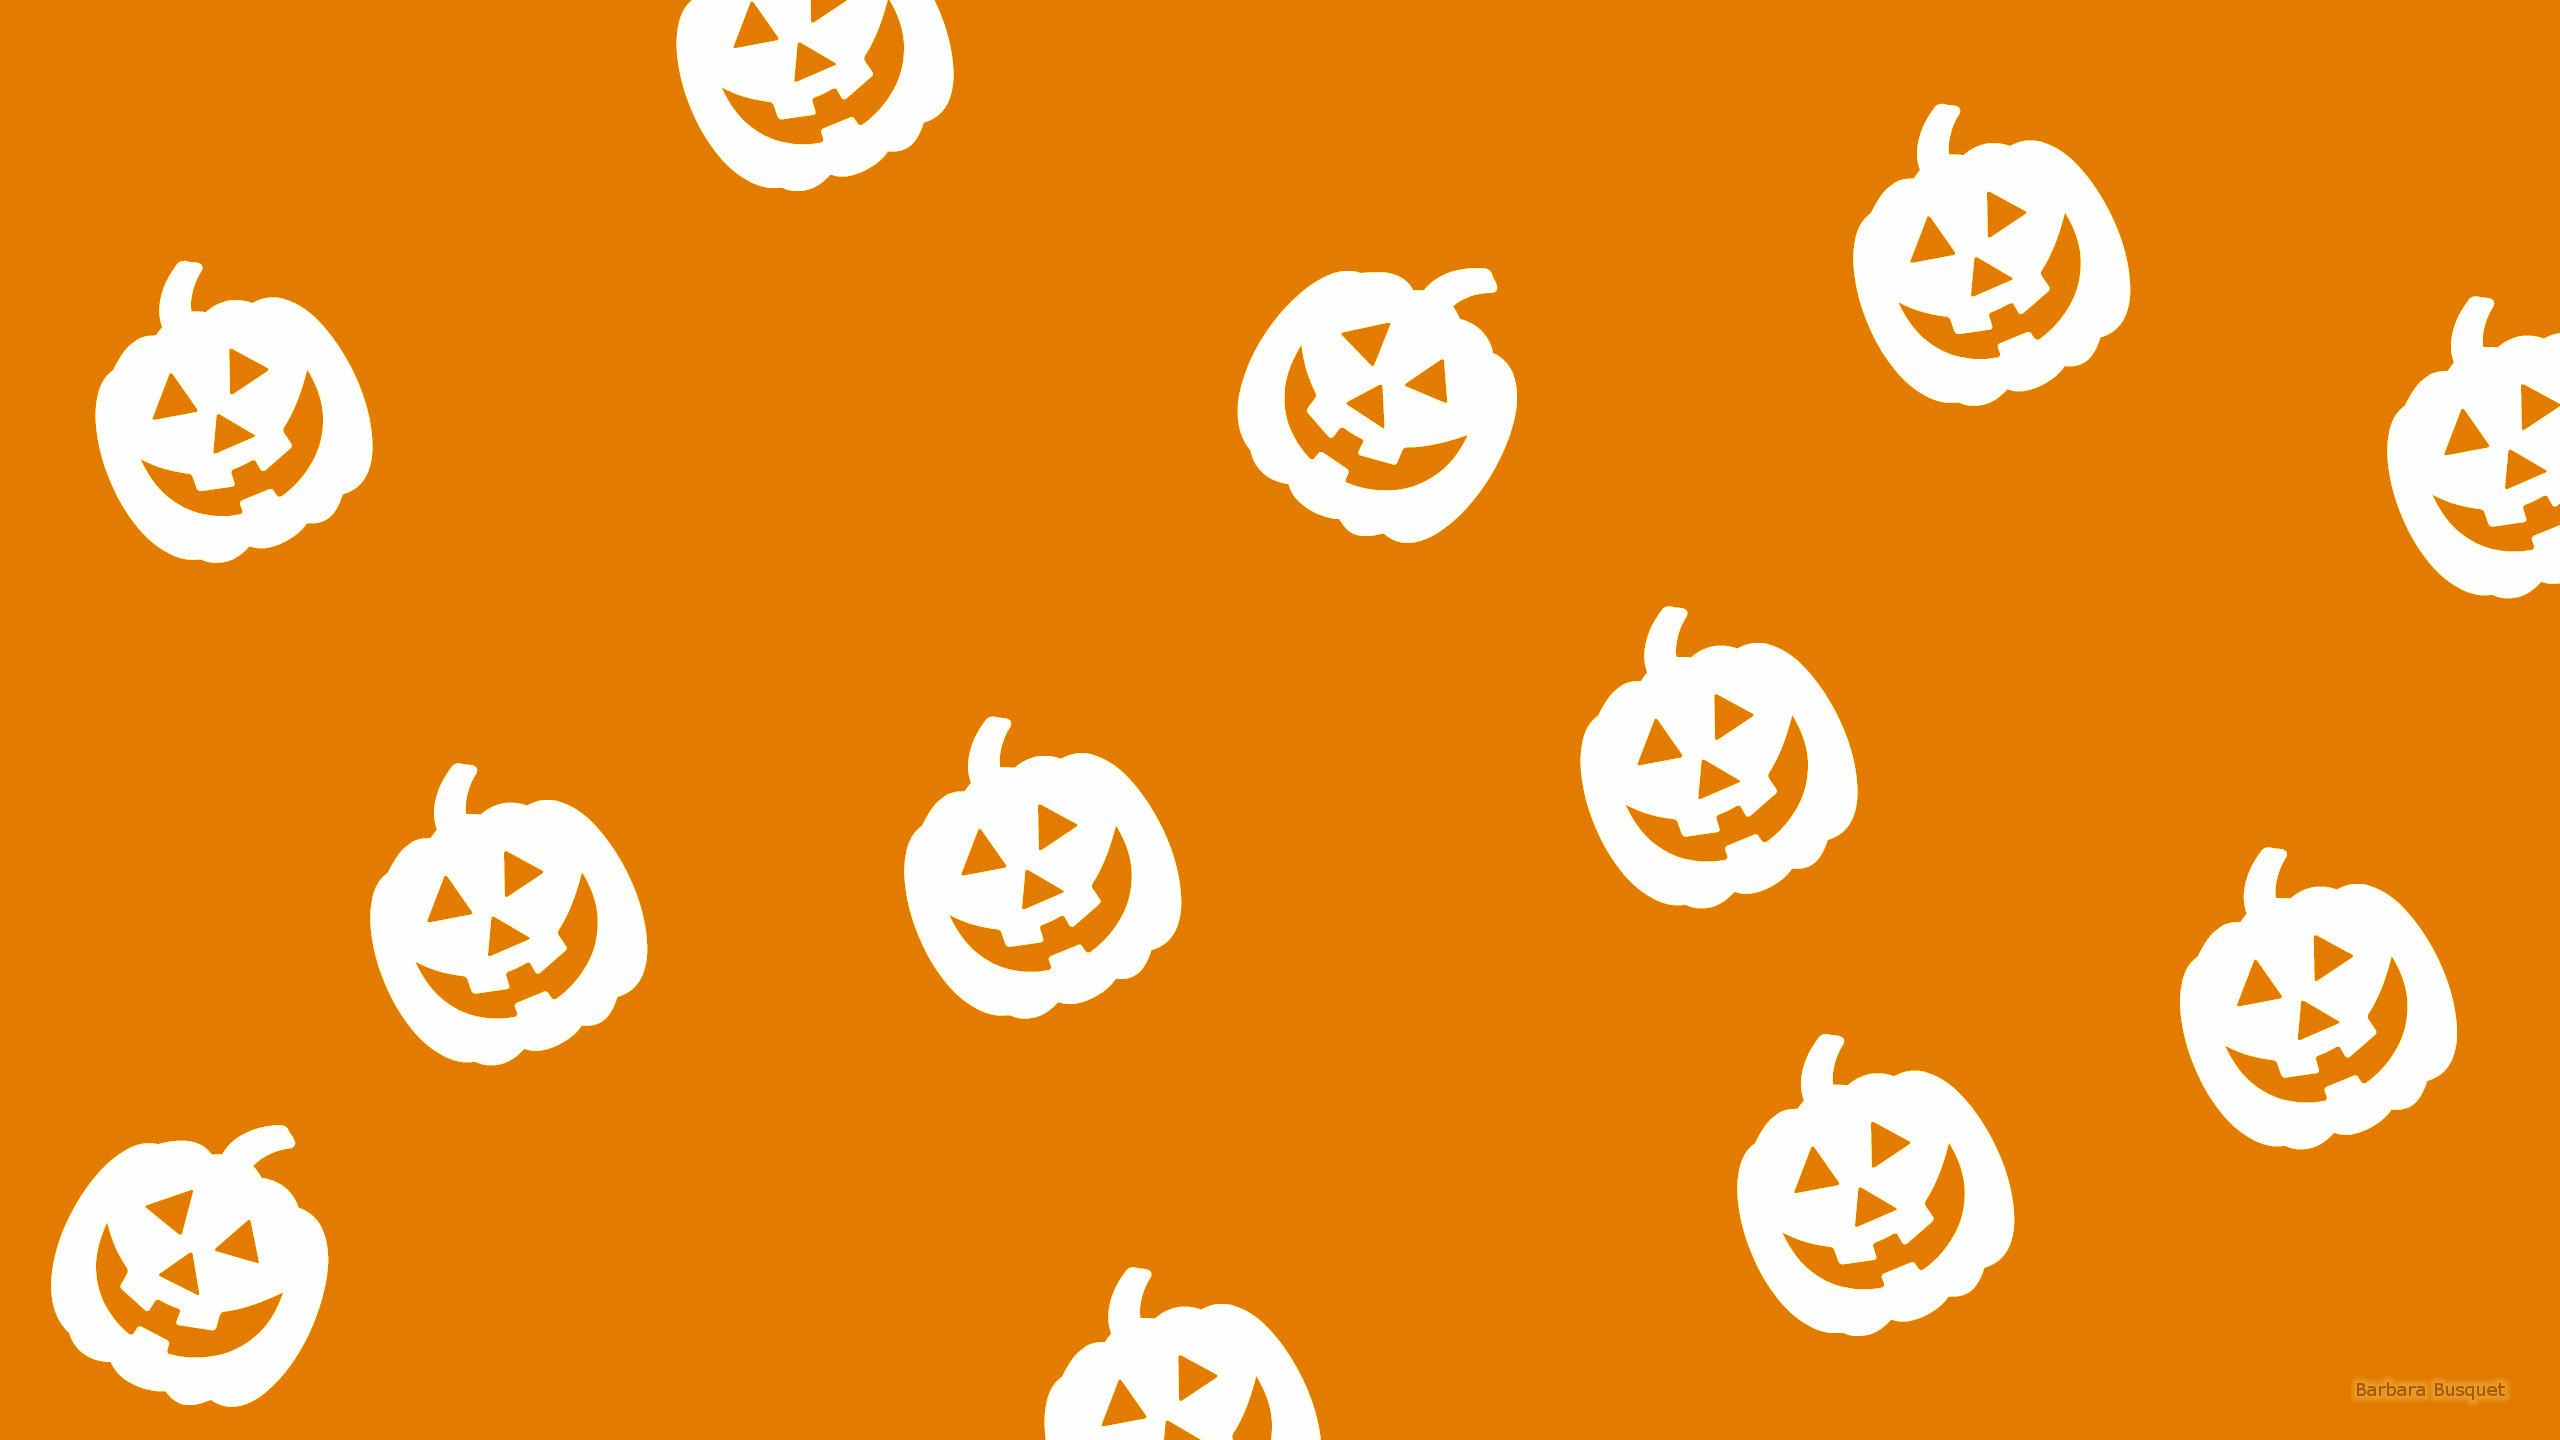 Res: 2560x1440, Simple orange Halloween wallpaper with pumpkins